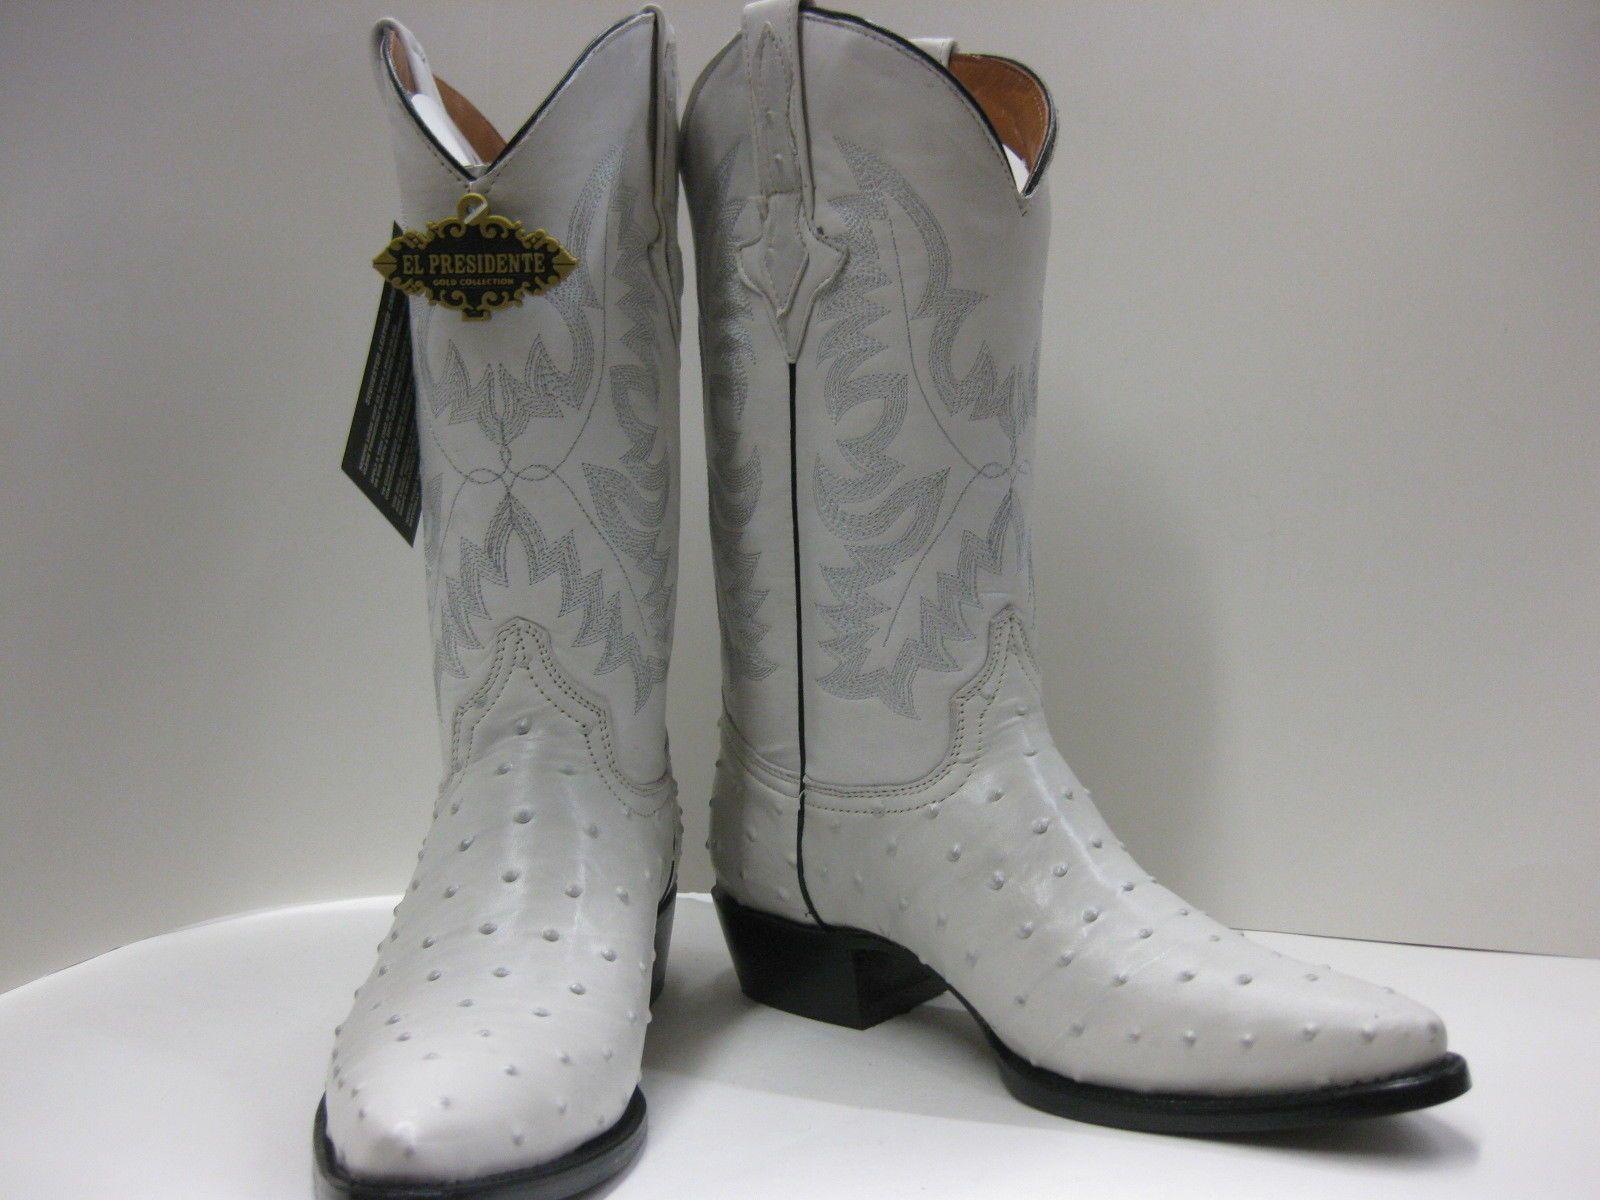 f152b6e9b21 Details about Men's Cowboy Boots Ostrich/Crocodile Print Leather ...